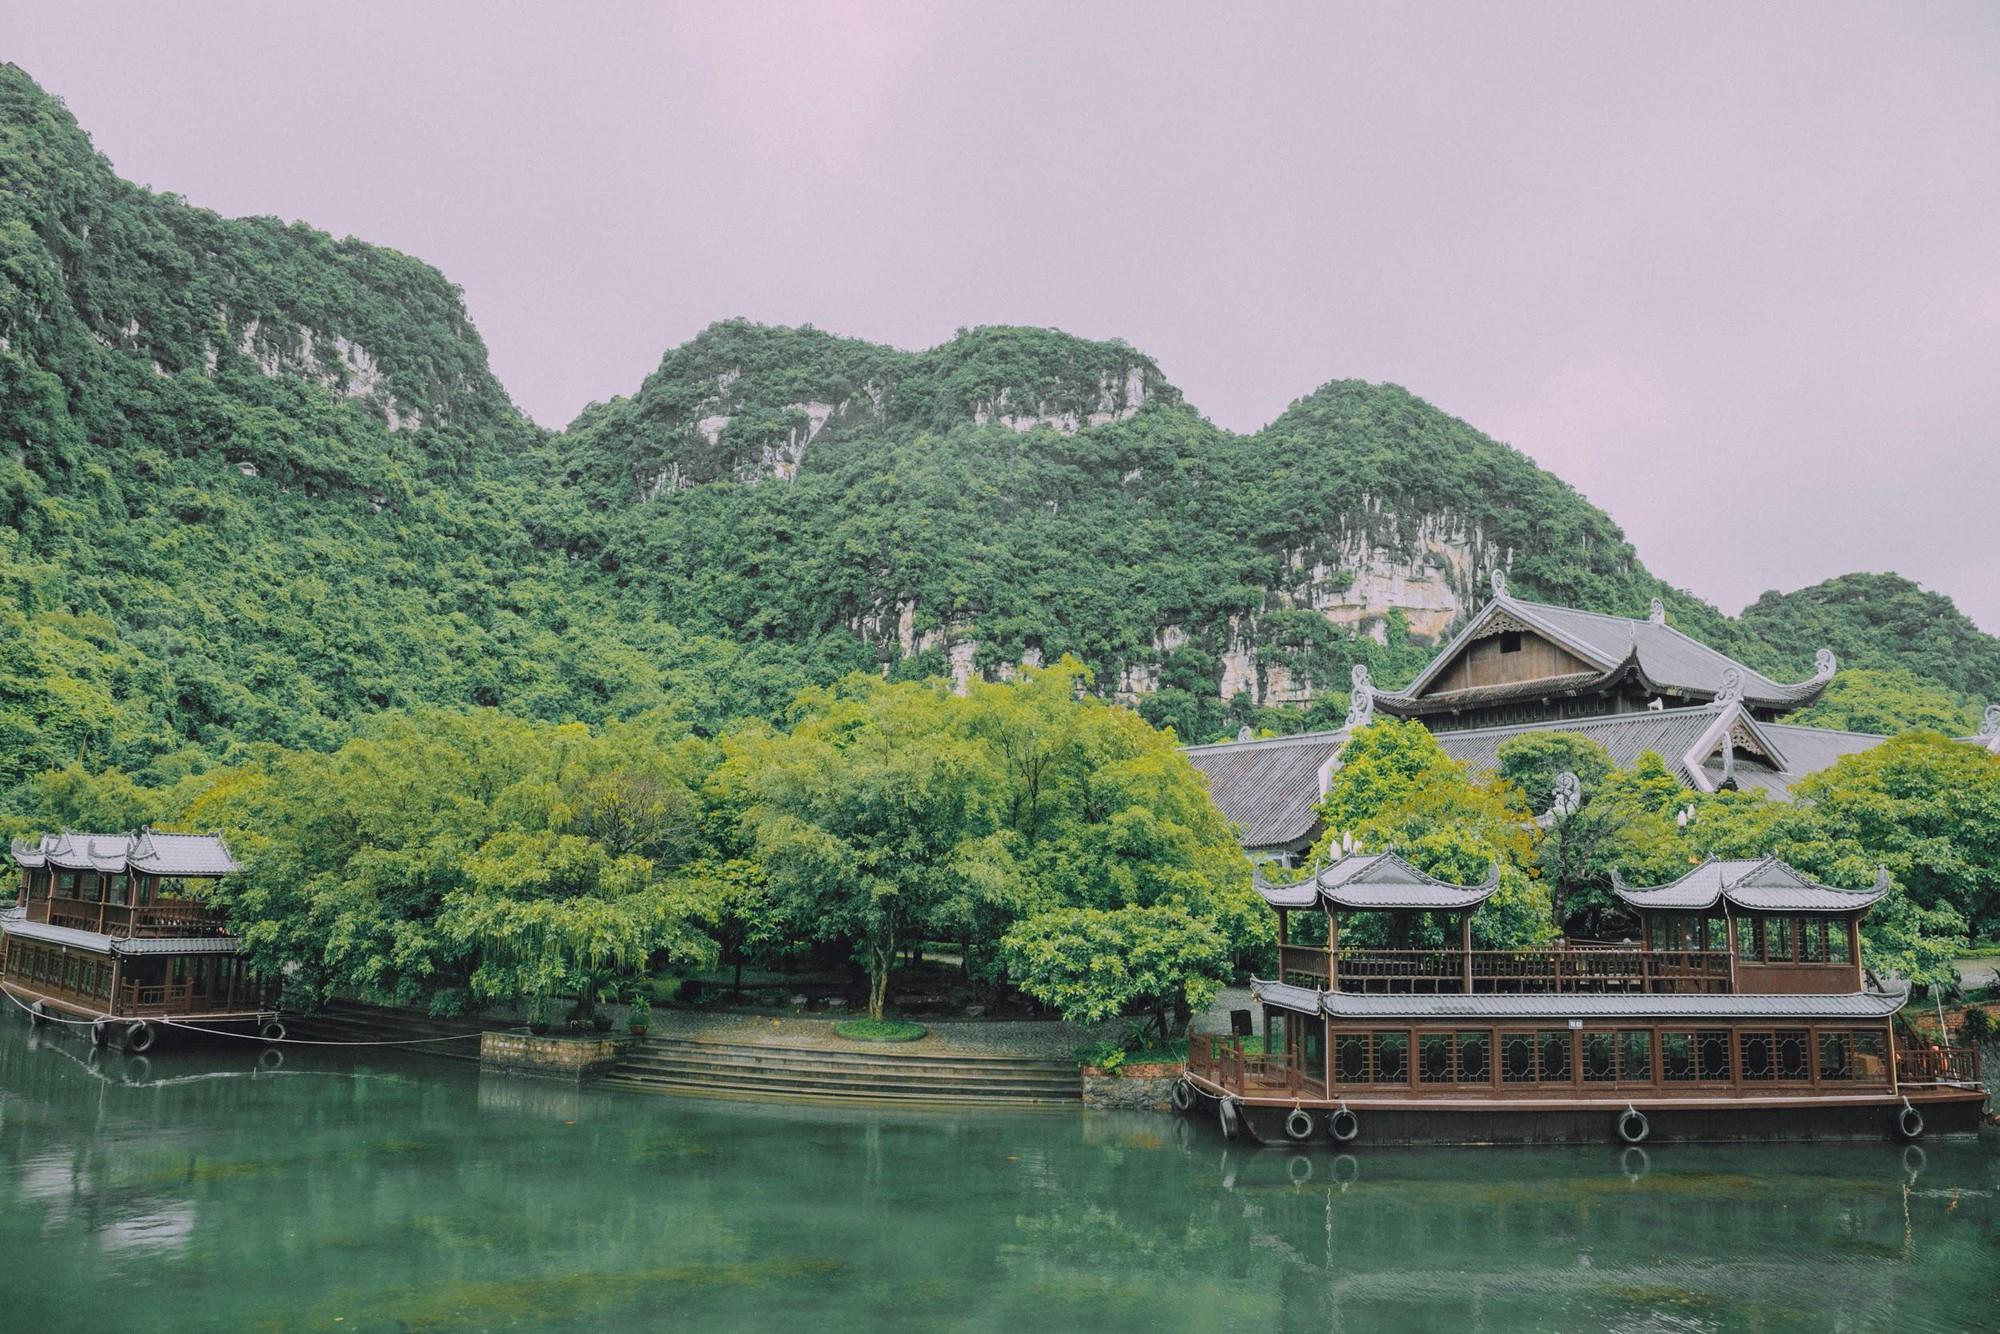 Những điểm đến hot nhất tháng 9 mà các bạn trẻ yêu du lịch không thể bỏ qua - Ảnh 3.